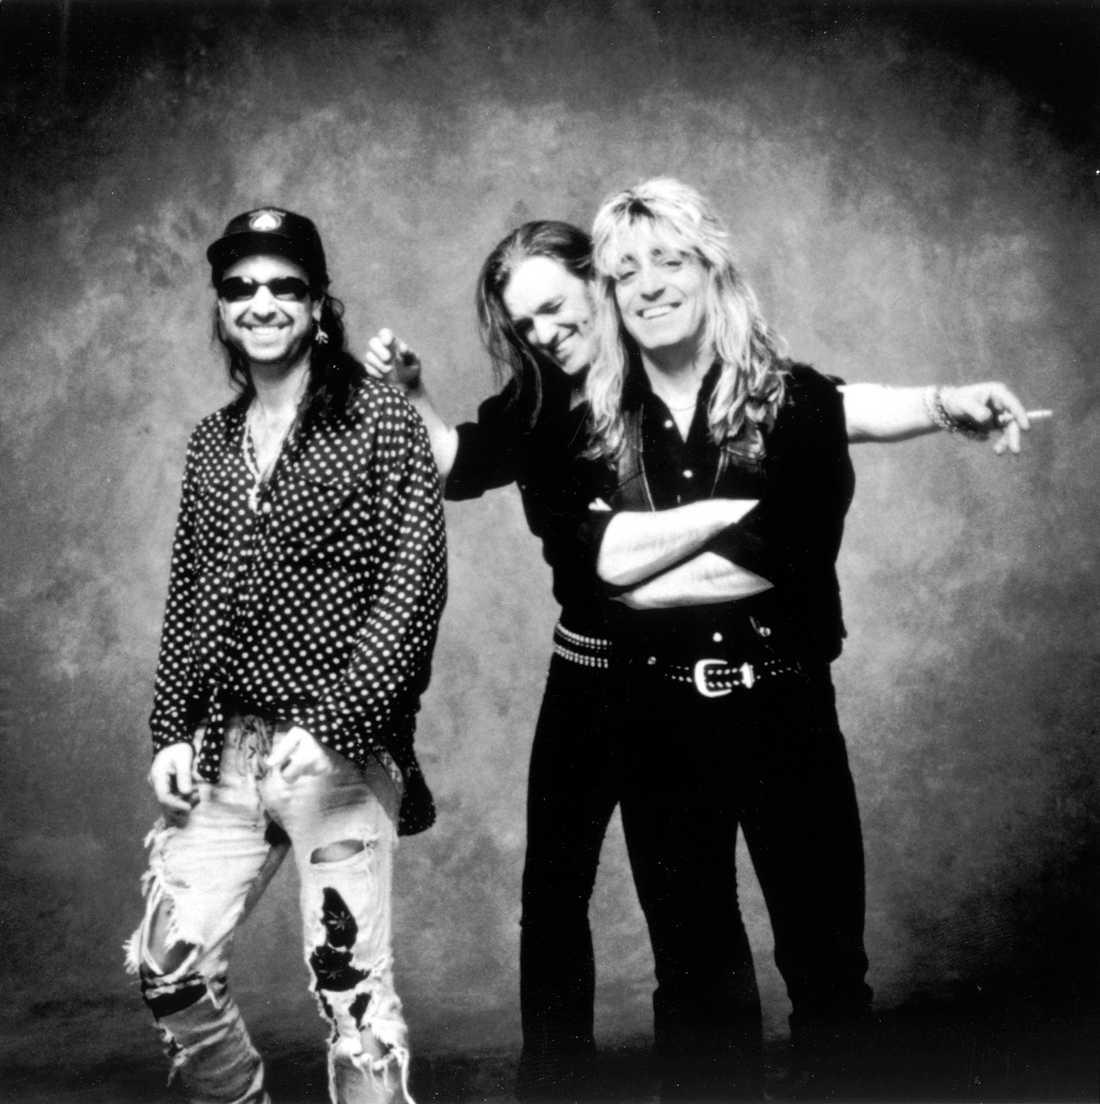 Motörhead, Lemmy Kilmister i mitten. Odaterad arkivbild.